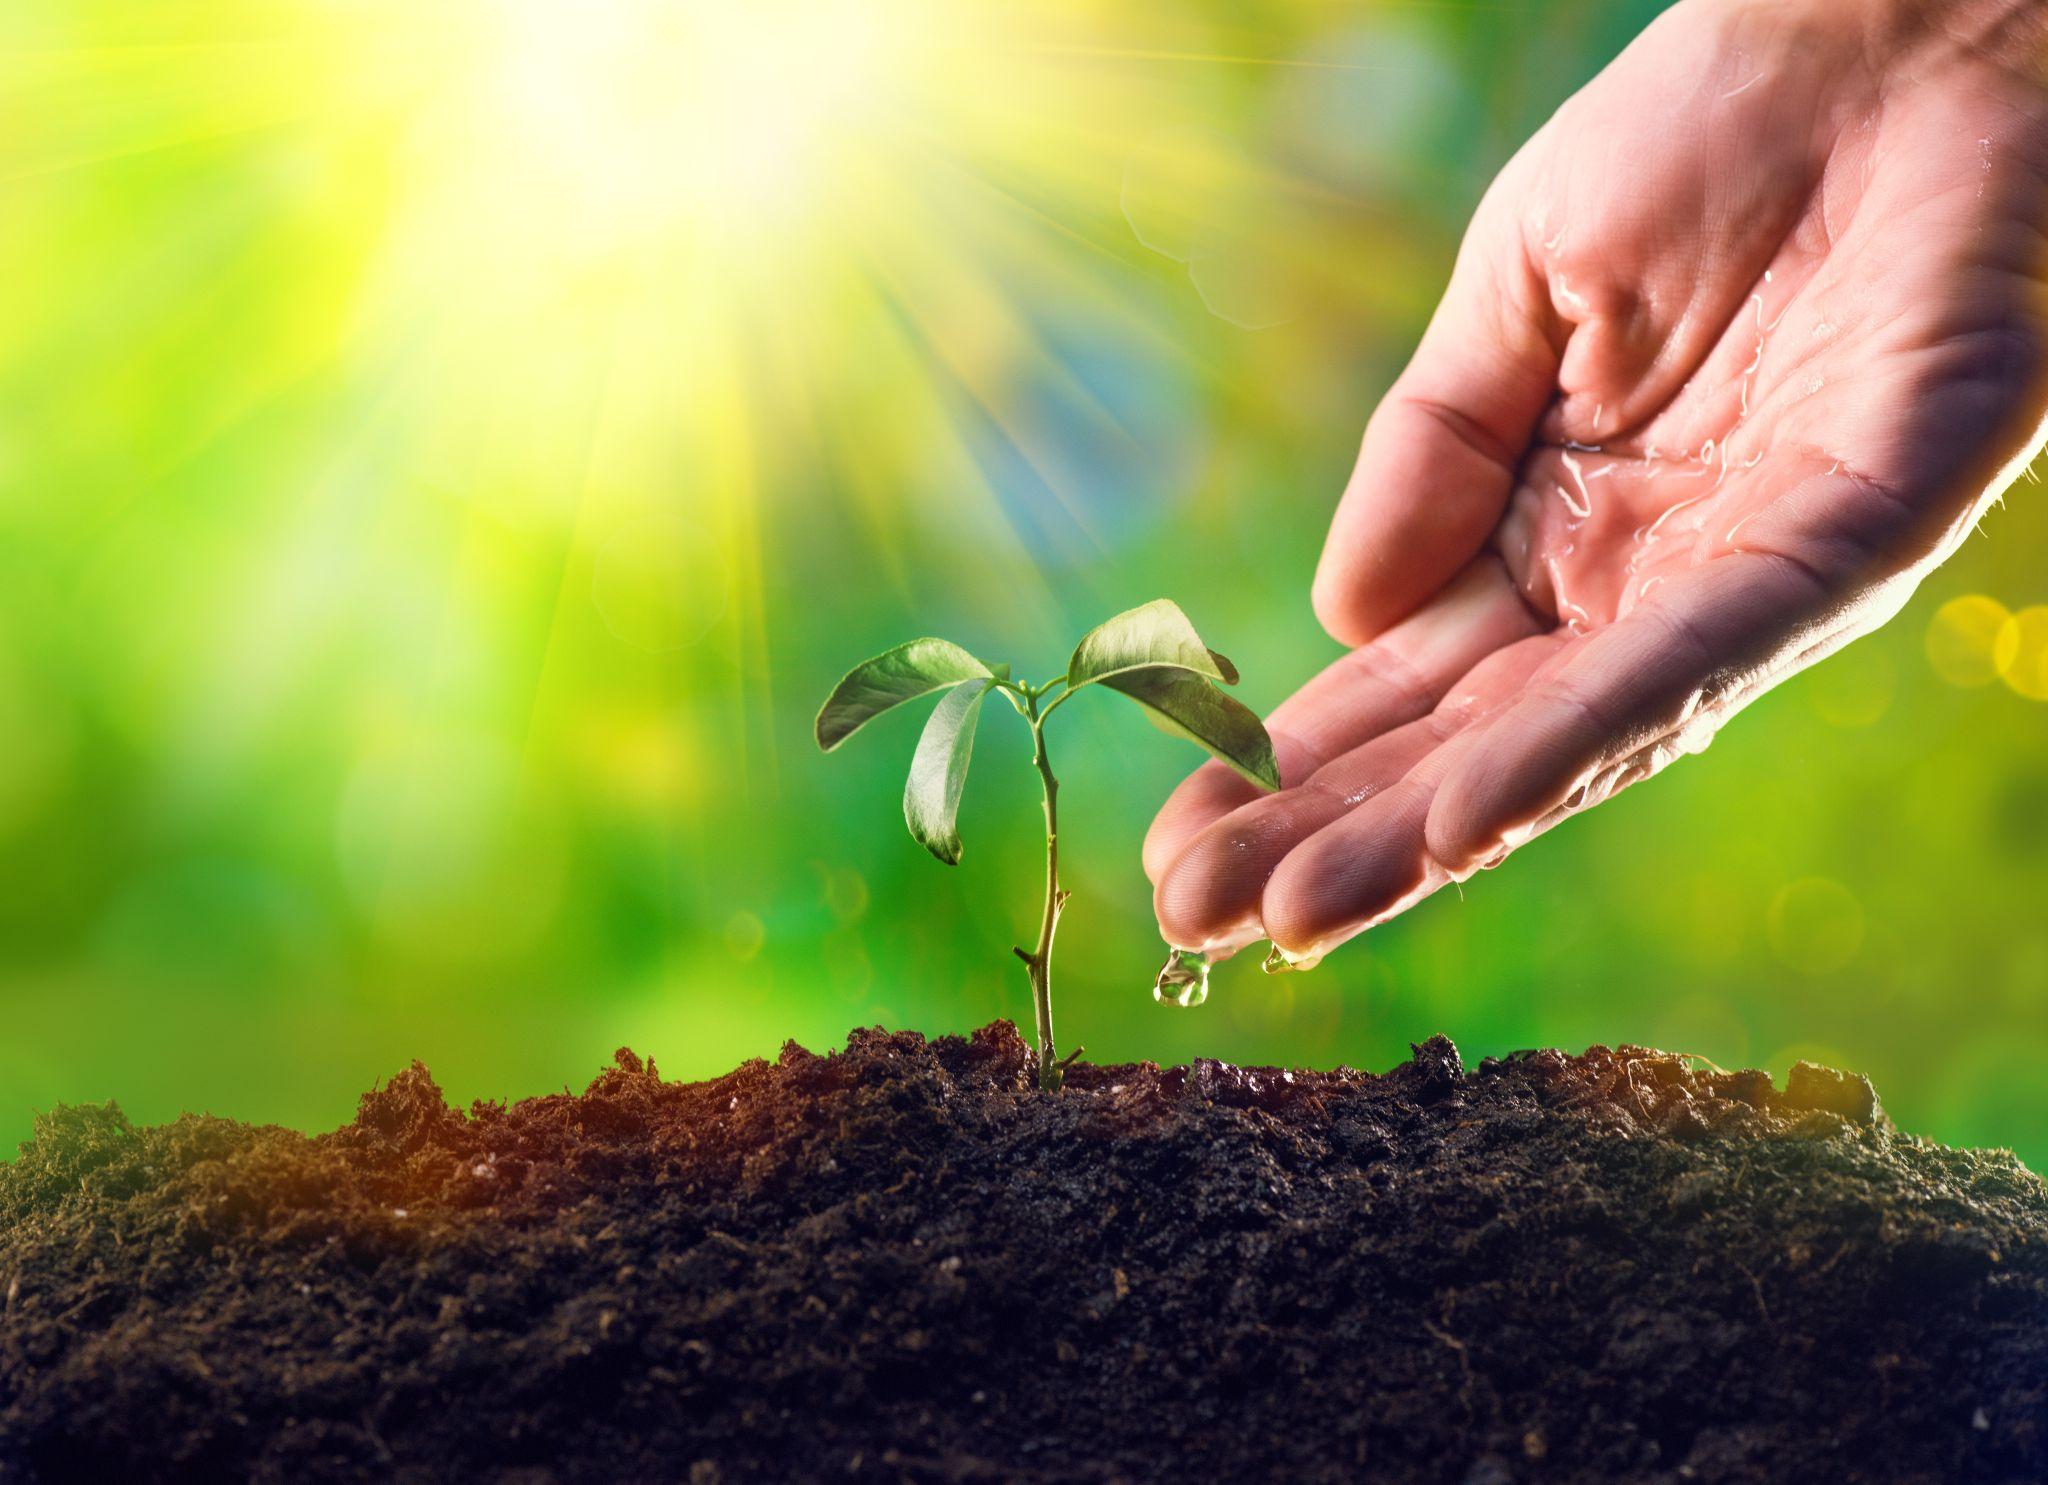 RMK kasutab tänavu metsade uuendamisel uudseid lahendusi